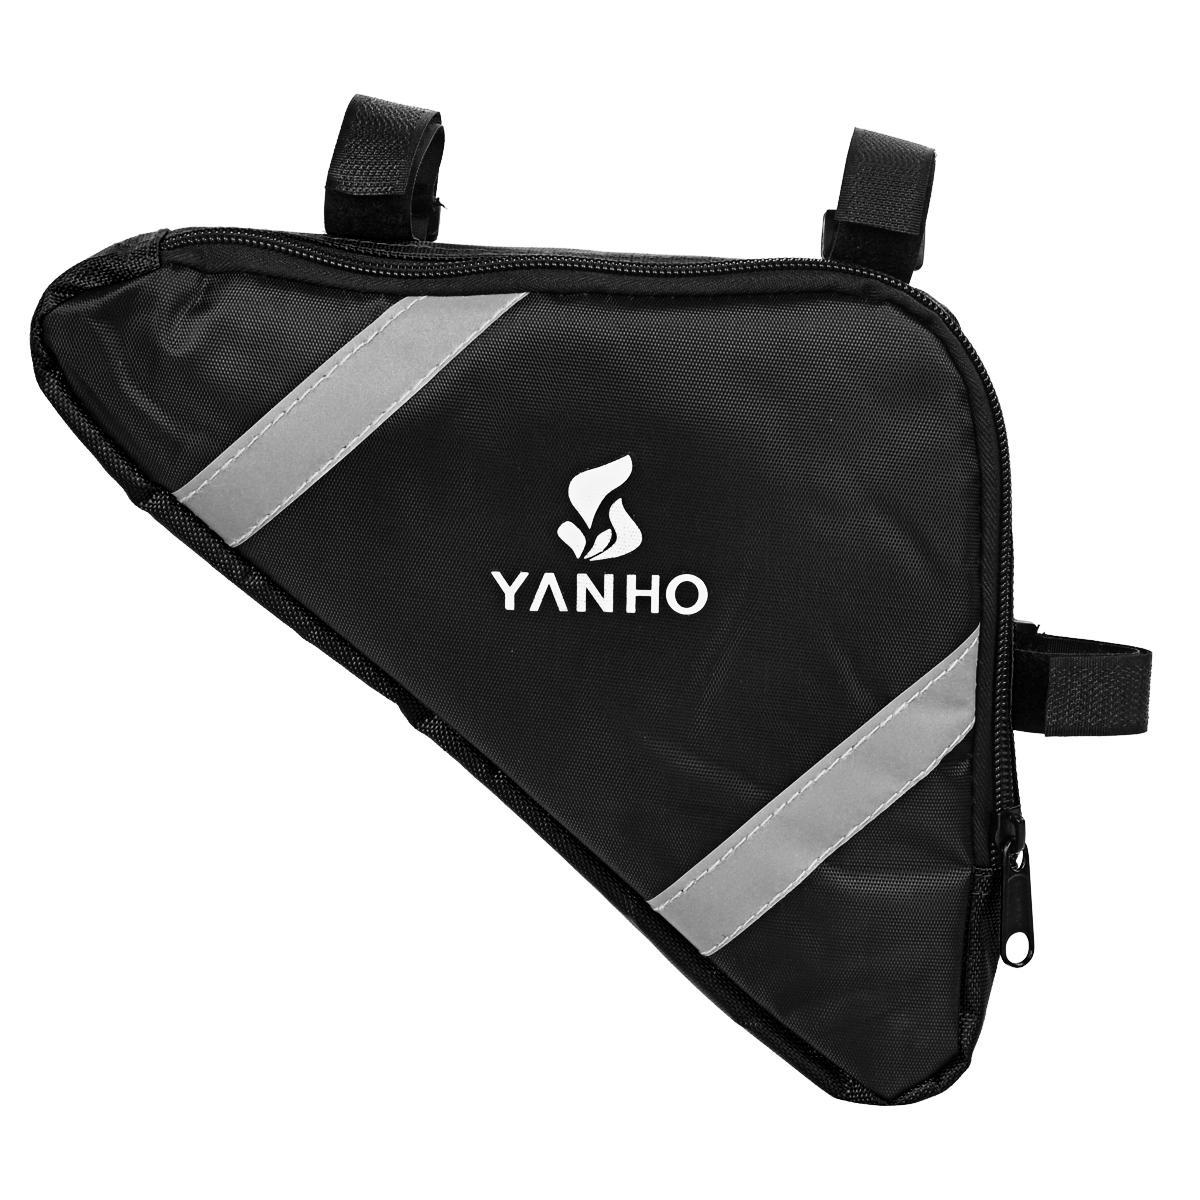 Yanho YA085 Cycling Oxford Cloth Bike Top Tube Triangle Bag - Black